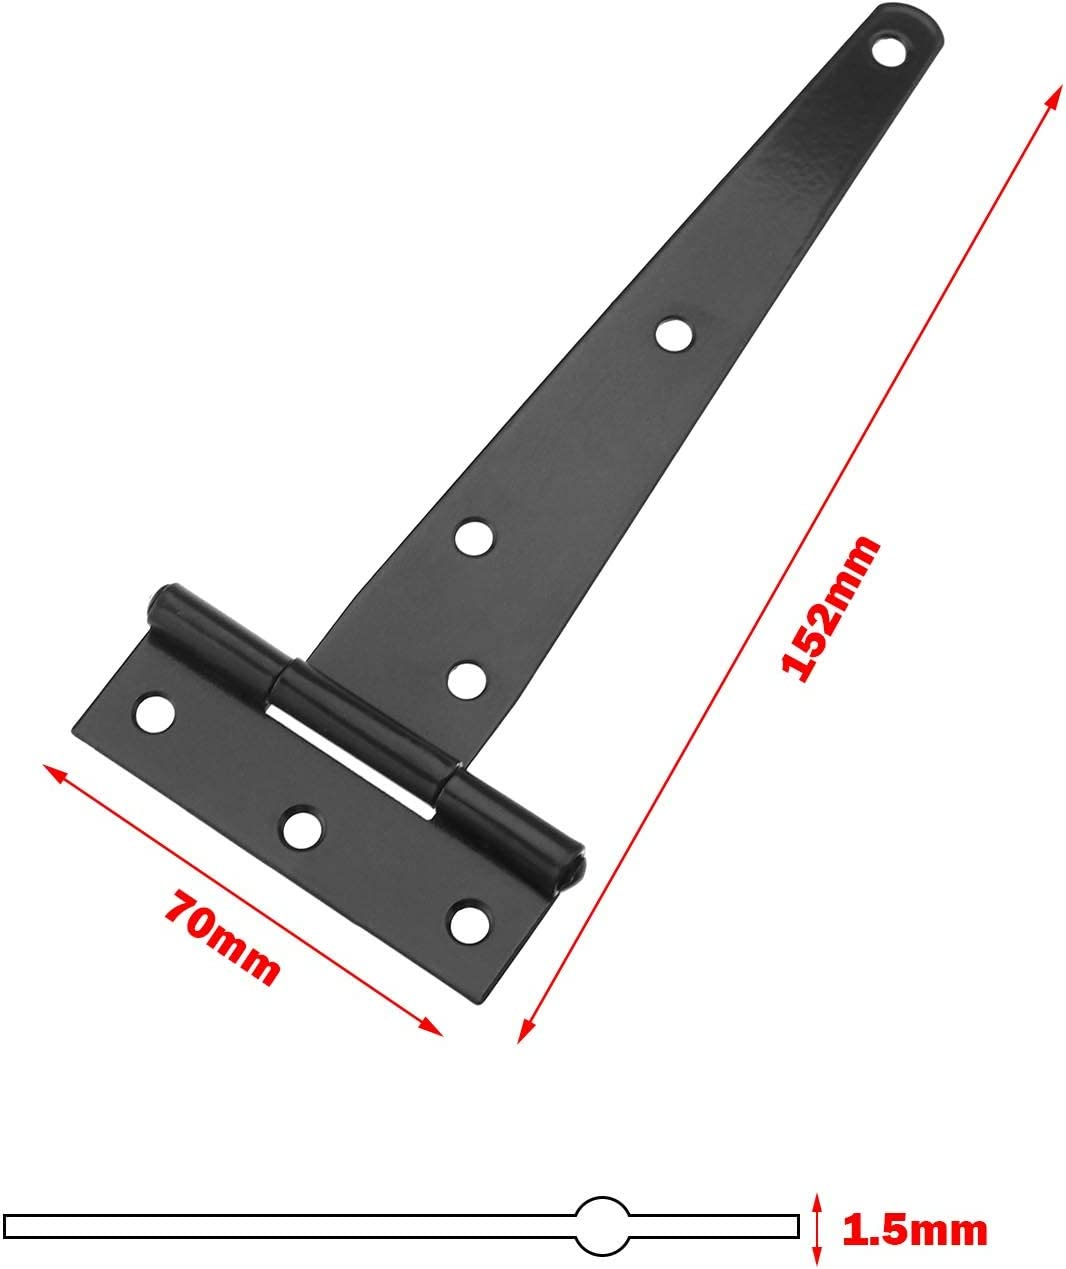 OTOTEC Acero Inoxidable Juego de bisagras en T para Puerta de 4 Pulgadas // 5 Pulgadas // 6 Pulgadas 6 Pulgadas Color Negro